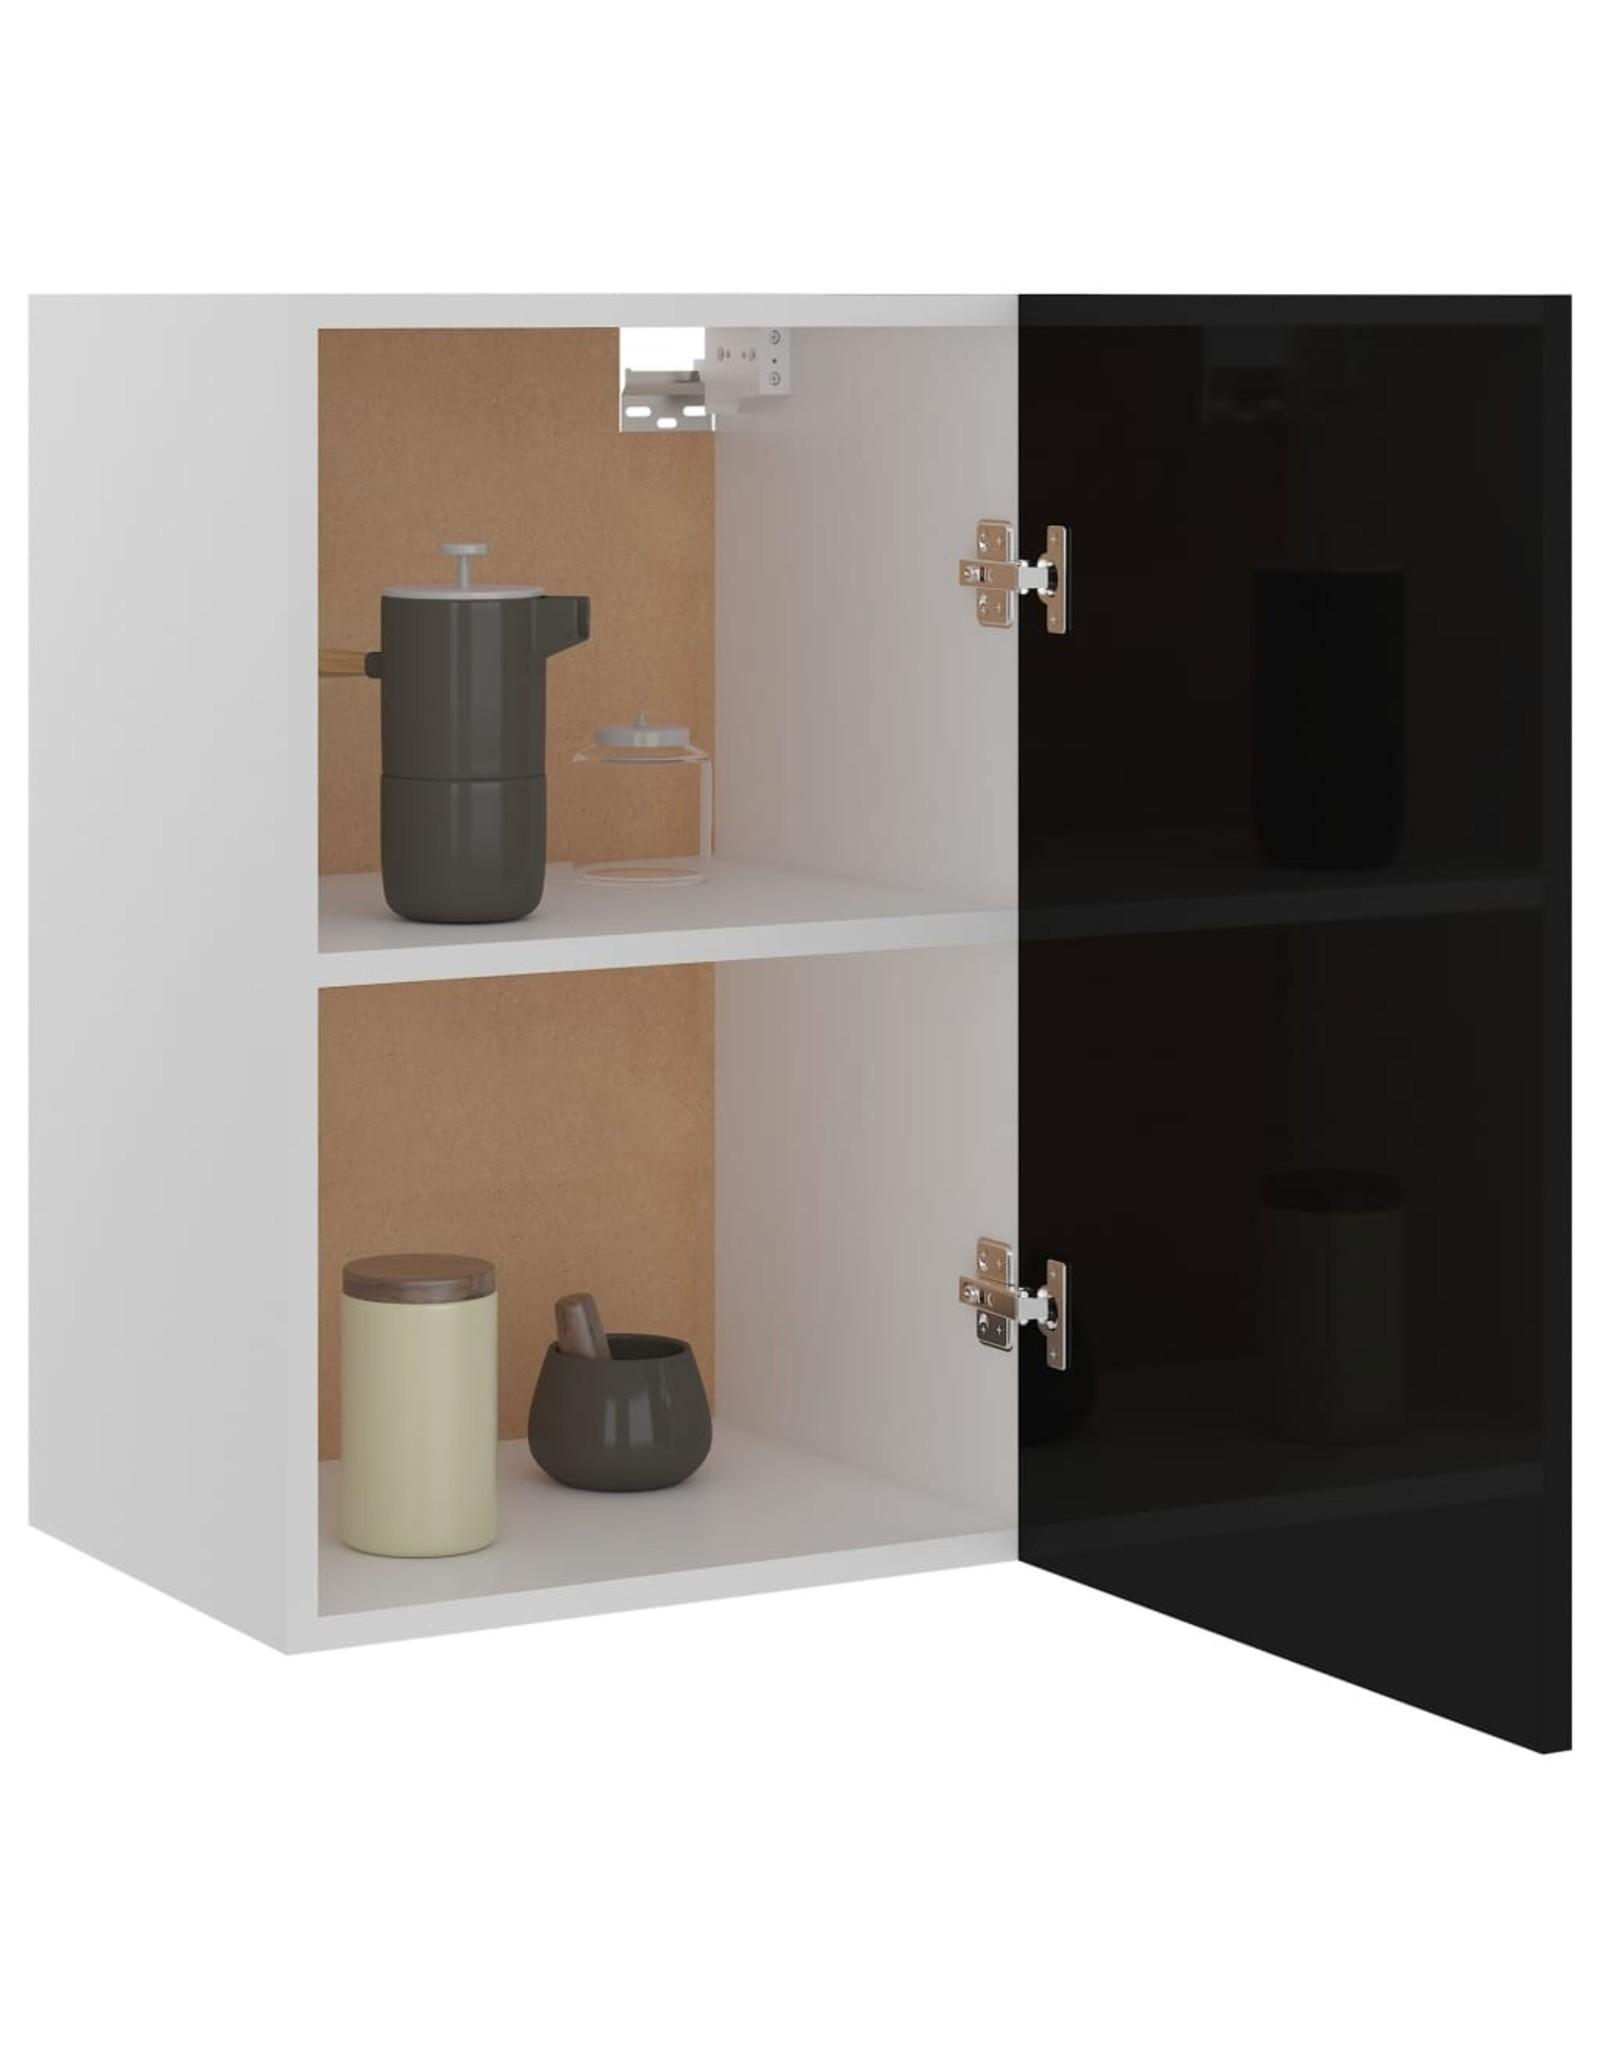 Hangkast 39,5x31x60 cm spaanplaat hoogglans zwart